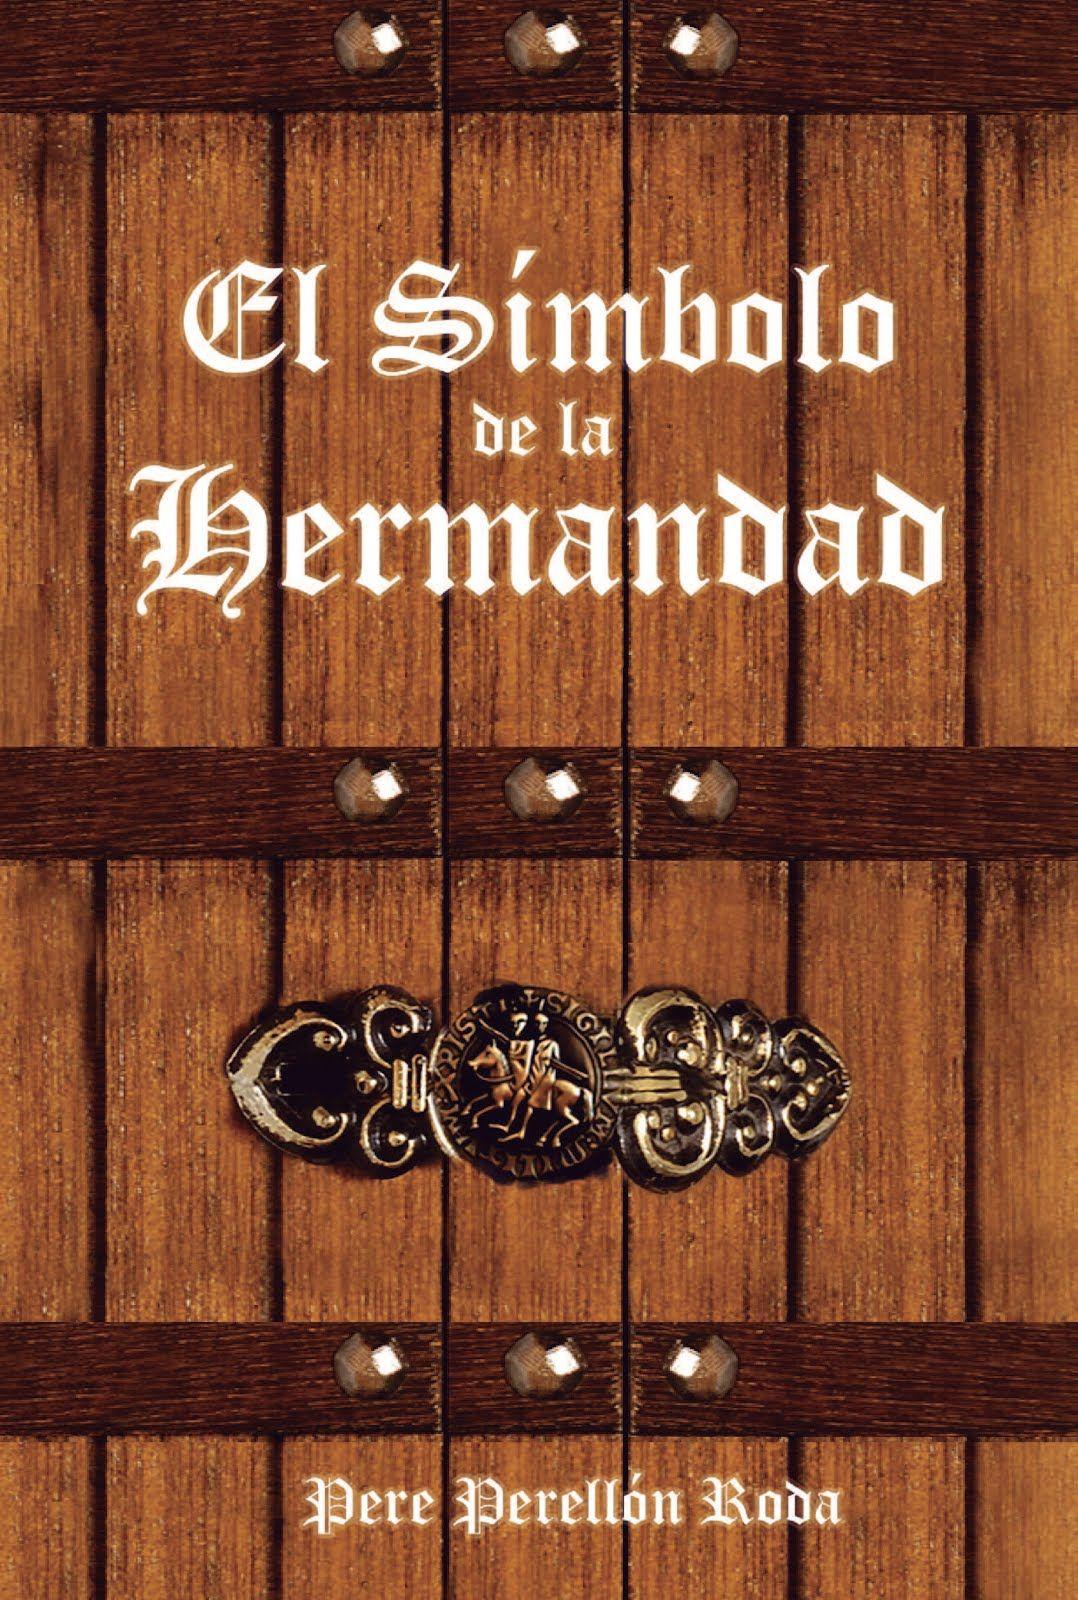 Perellón Roda, Pere. El Símbolo de la Hermandad. [Amposta?] : [s.n.], DL 2016 (Sant Carles de la Ràpita : Gràf. Castellà)